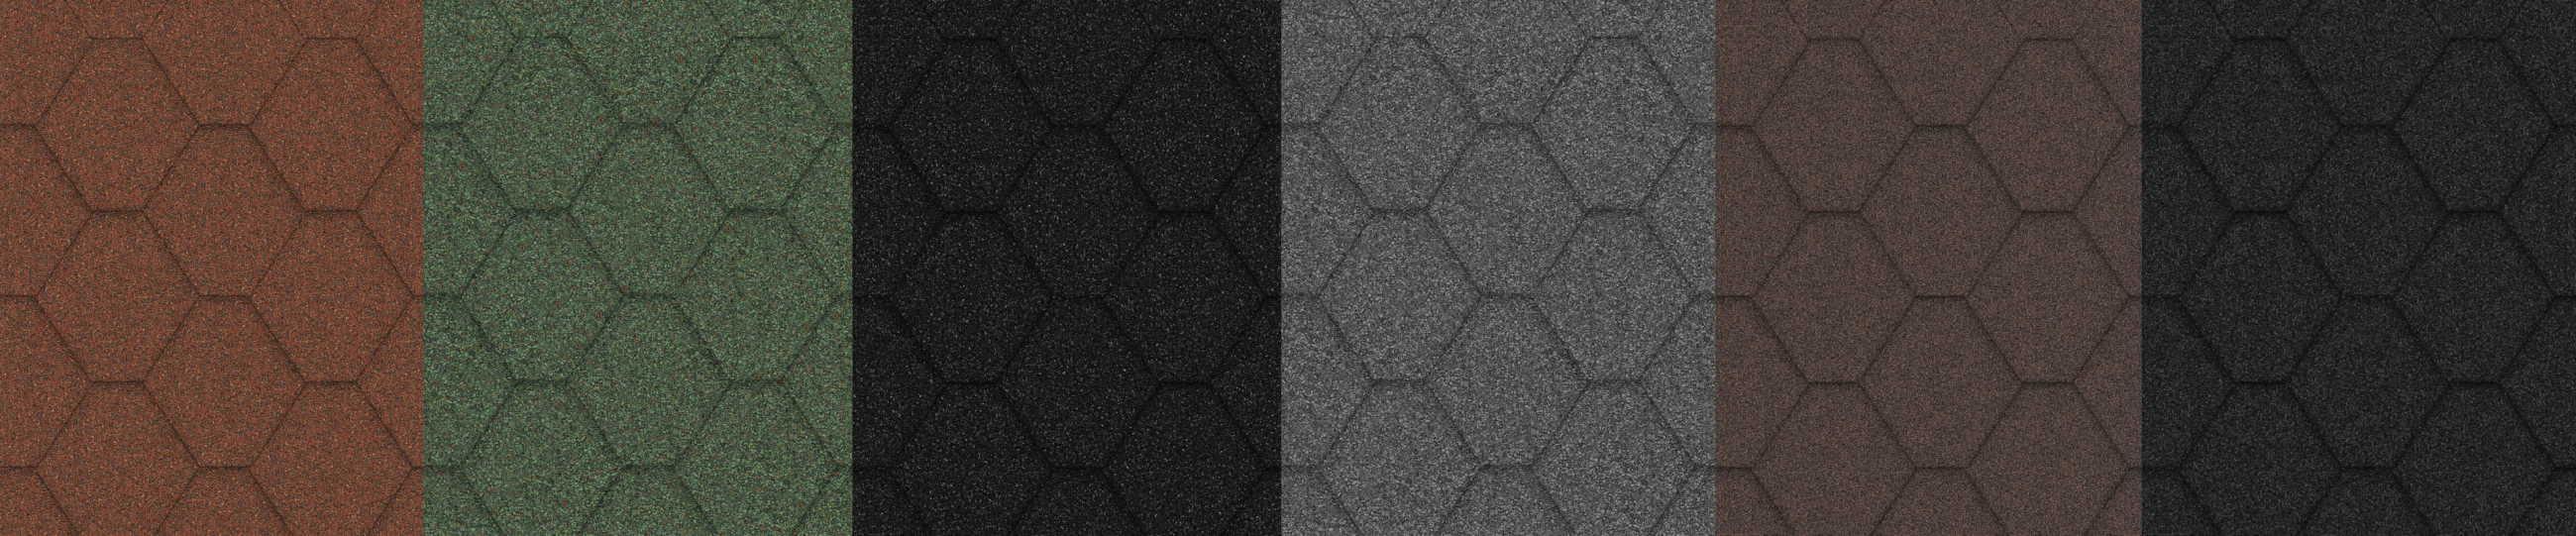 IMG - Plano Pro kattolaatta palahuopa värimallit yhdessä kuvassa - 2600px / 541px